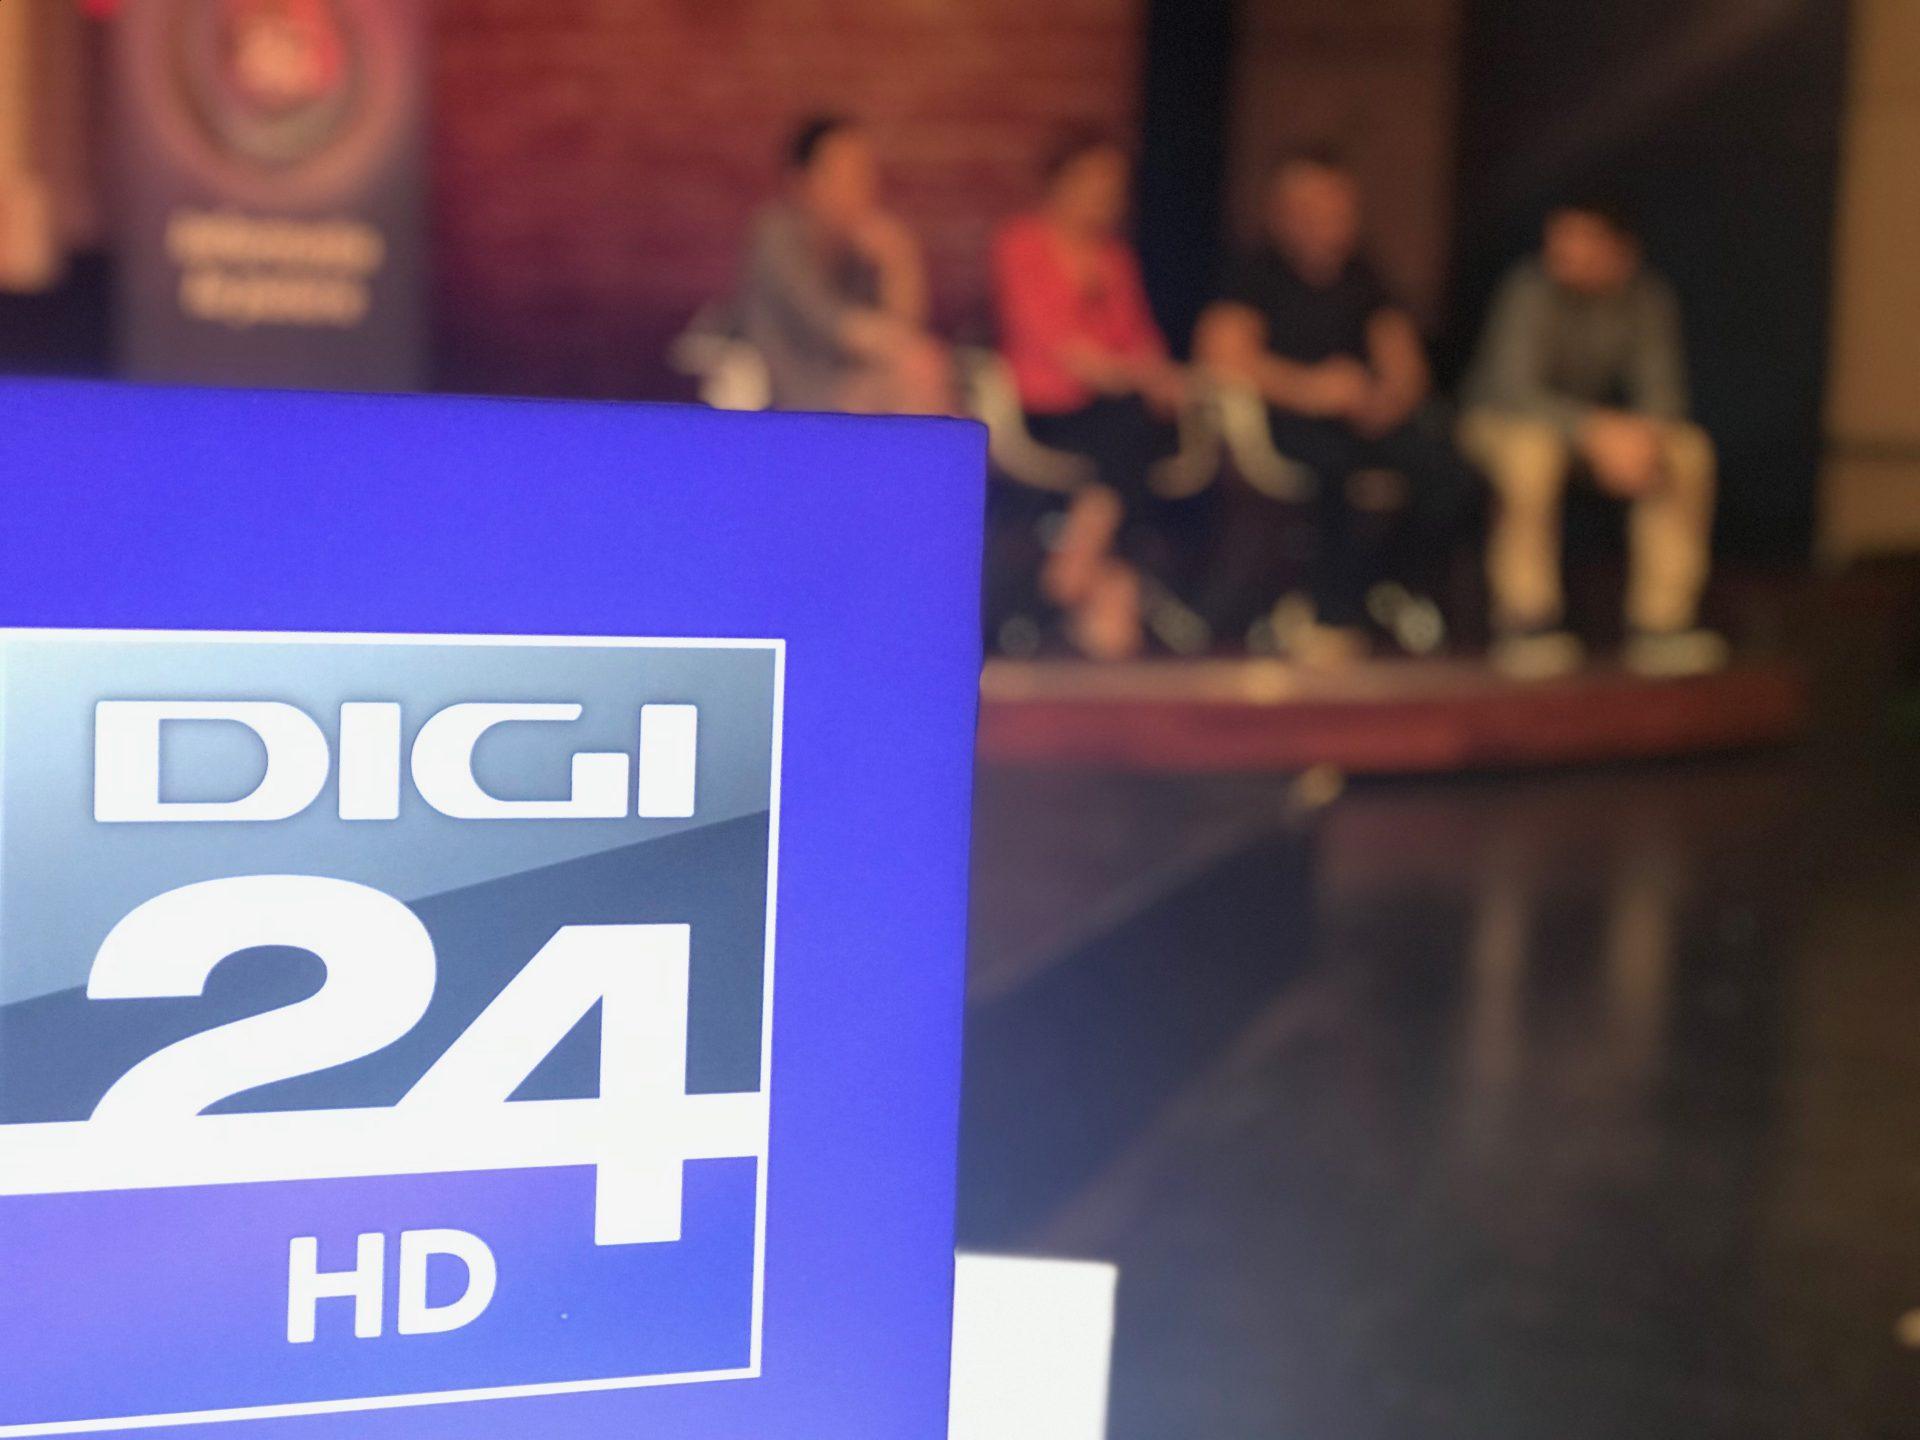 Cinci pagini false cu numele Digi24 au apărut pe internet. Posibilele mize din spatele acestora